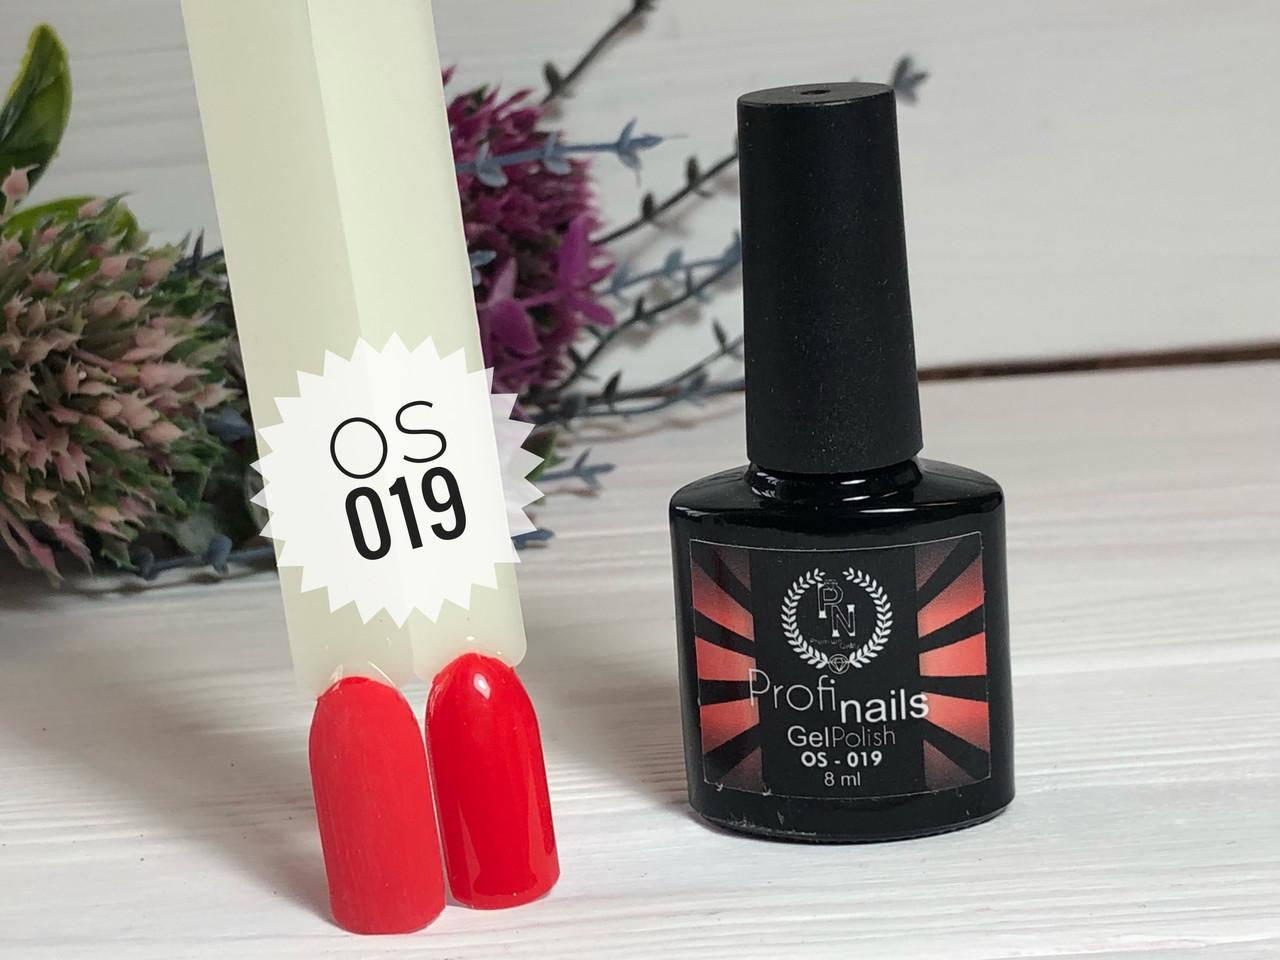 Гель лак каучуковый 8 мл Profi nails # 019